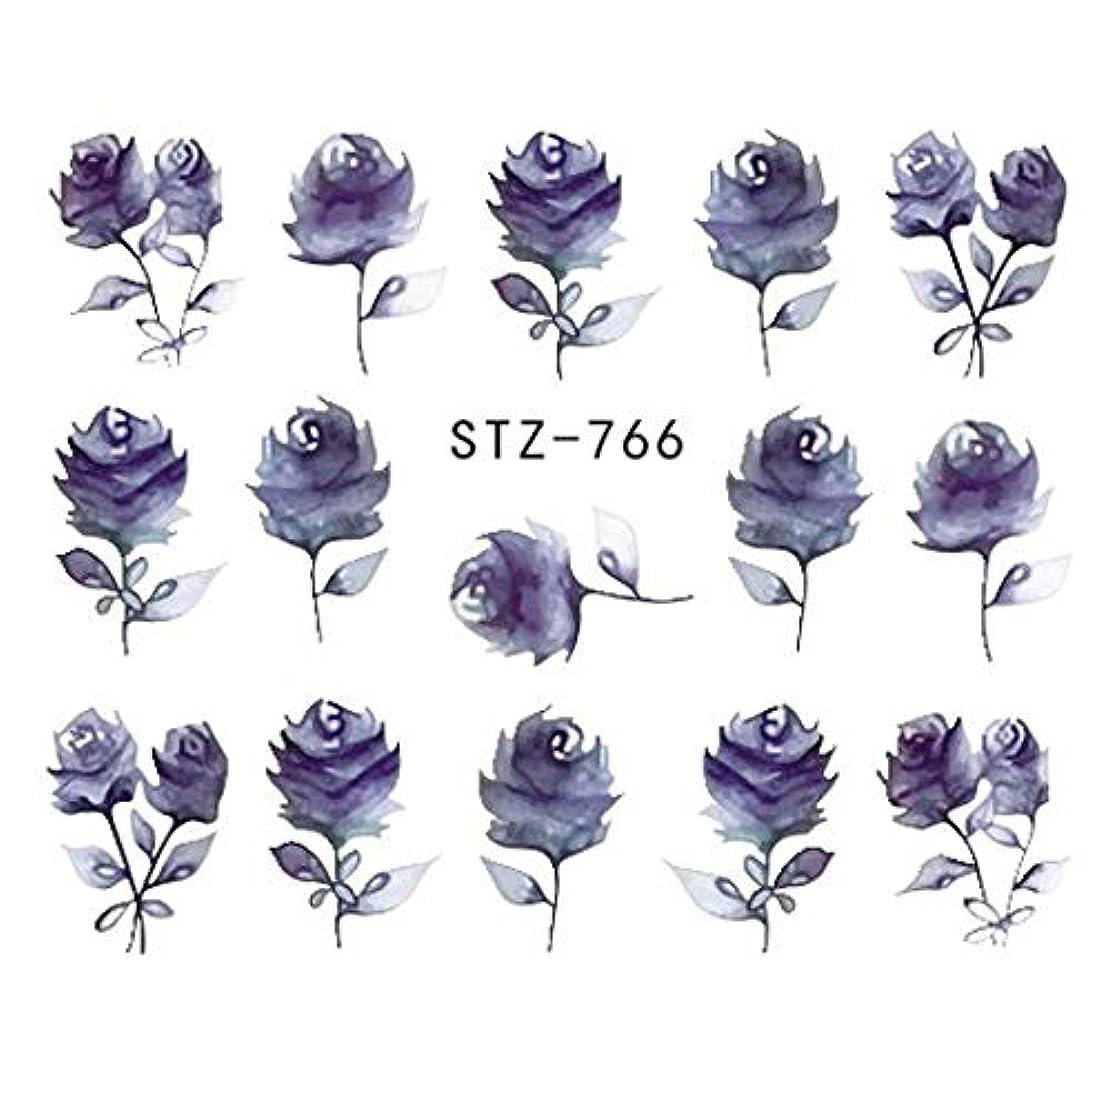 最高疑い者引き付けるSUKTI&XIAO ネイルステッカー 完全な美1シートの宝石類の釘のステッカーの黒い花のステッカーのマニキュアの水移動のスライダーホイルの設計装飾、Stz-766